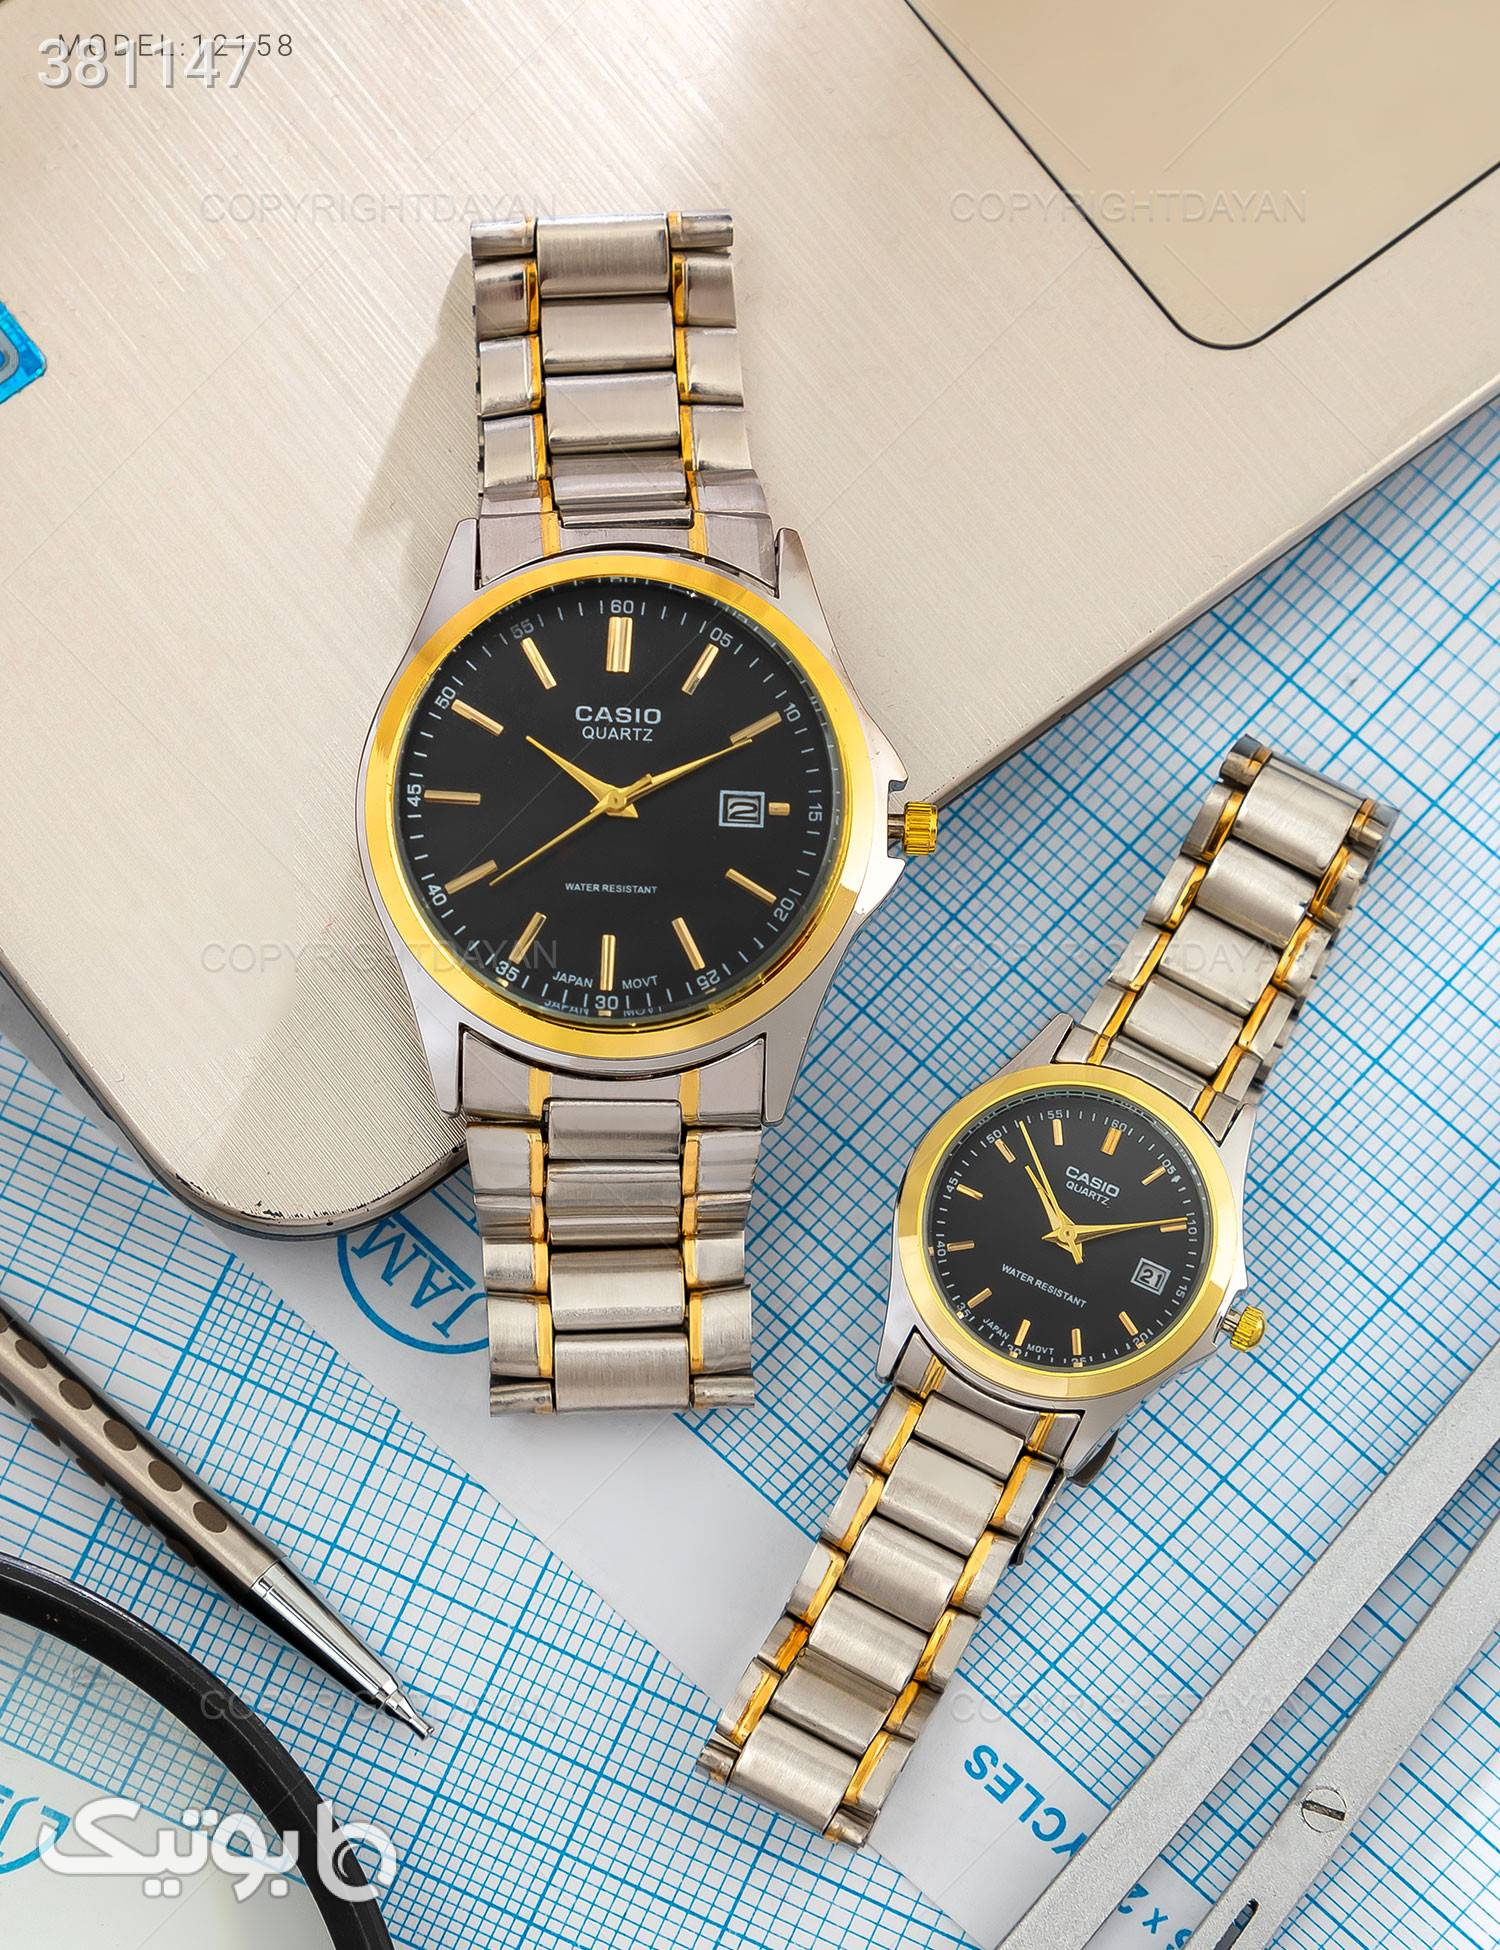 ست ساعت مچی Casio مدل 12158 نقره ای ساعت